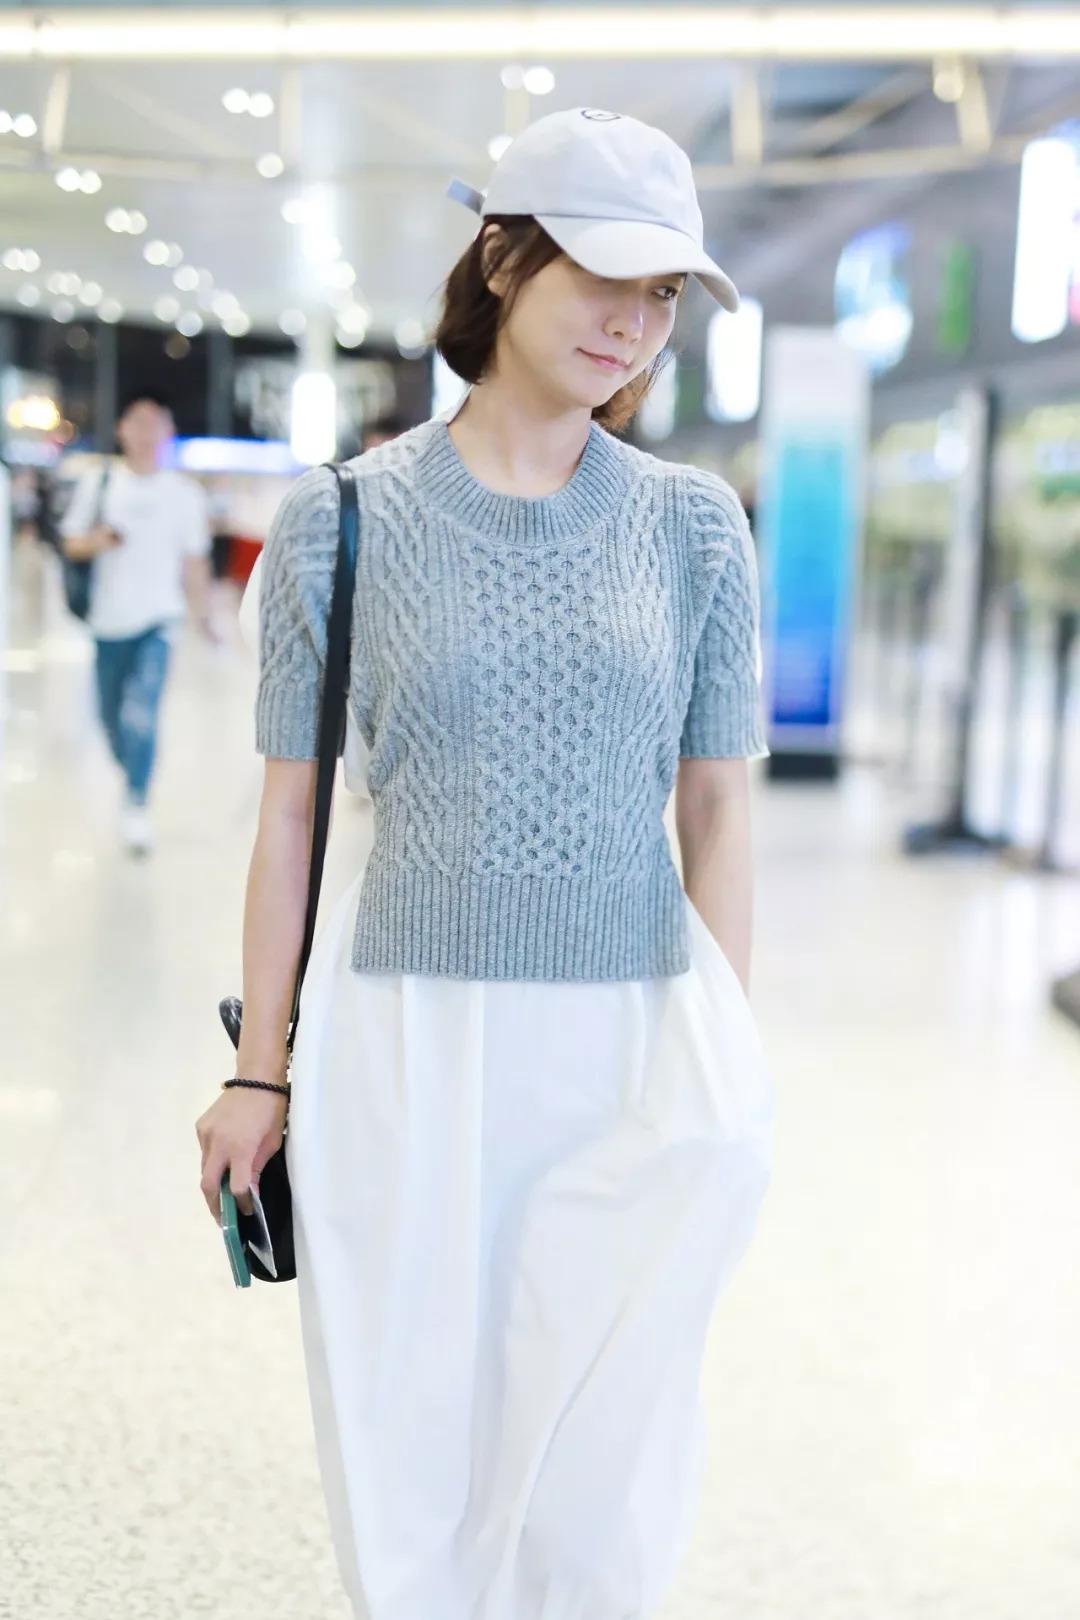 > 正文   针织衫看似平凡,在明星身上却能搭出不单调的时髦穿搭.